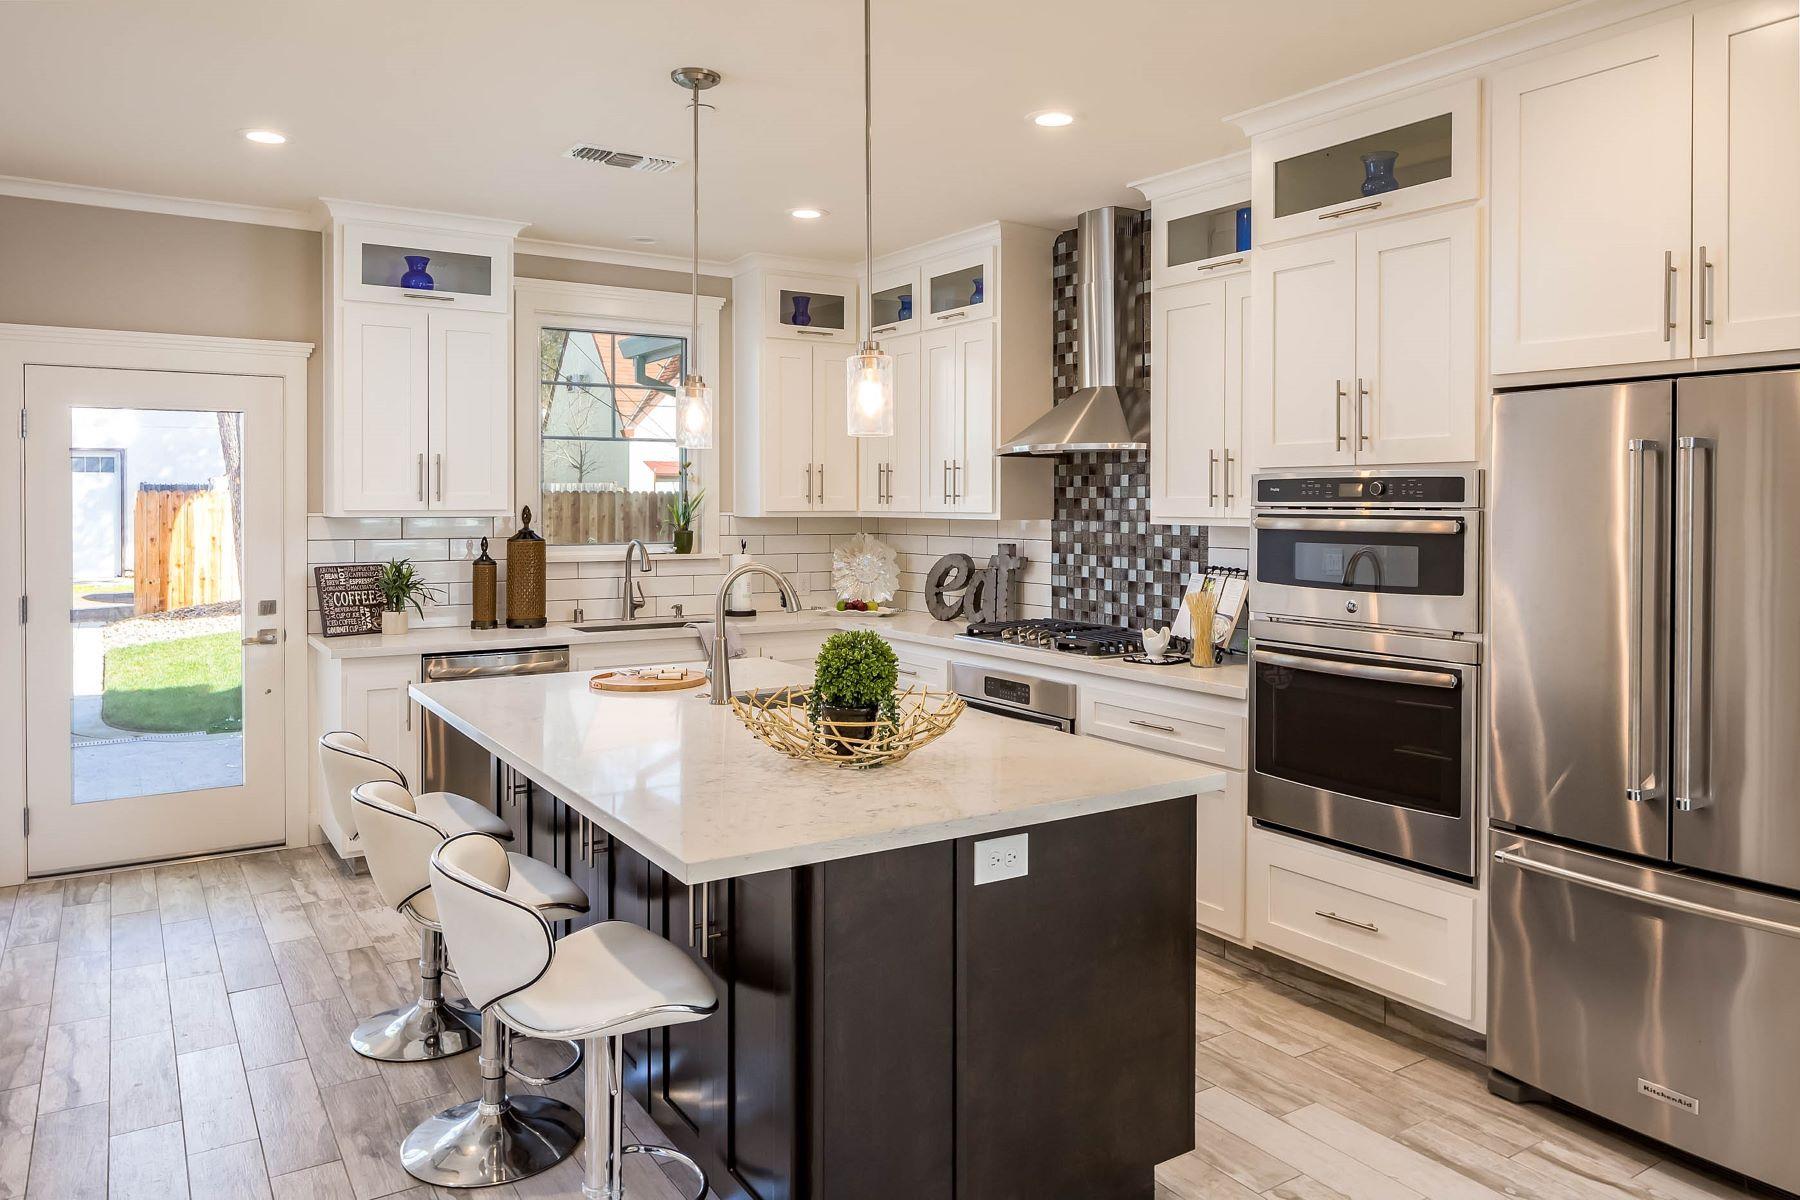 Частный односемейный дом для того Продажа на Stunning New Construction 4425 H Street Sacramento, Калифорния 95819 Соединенные Штаты